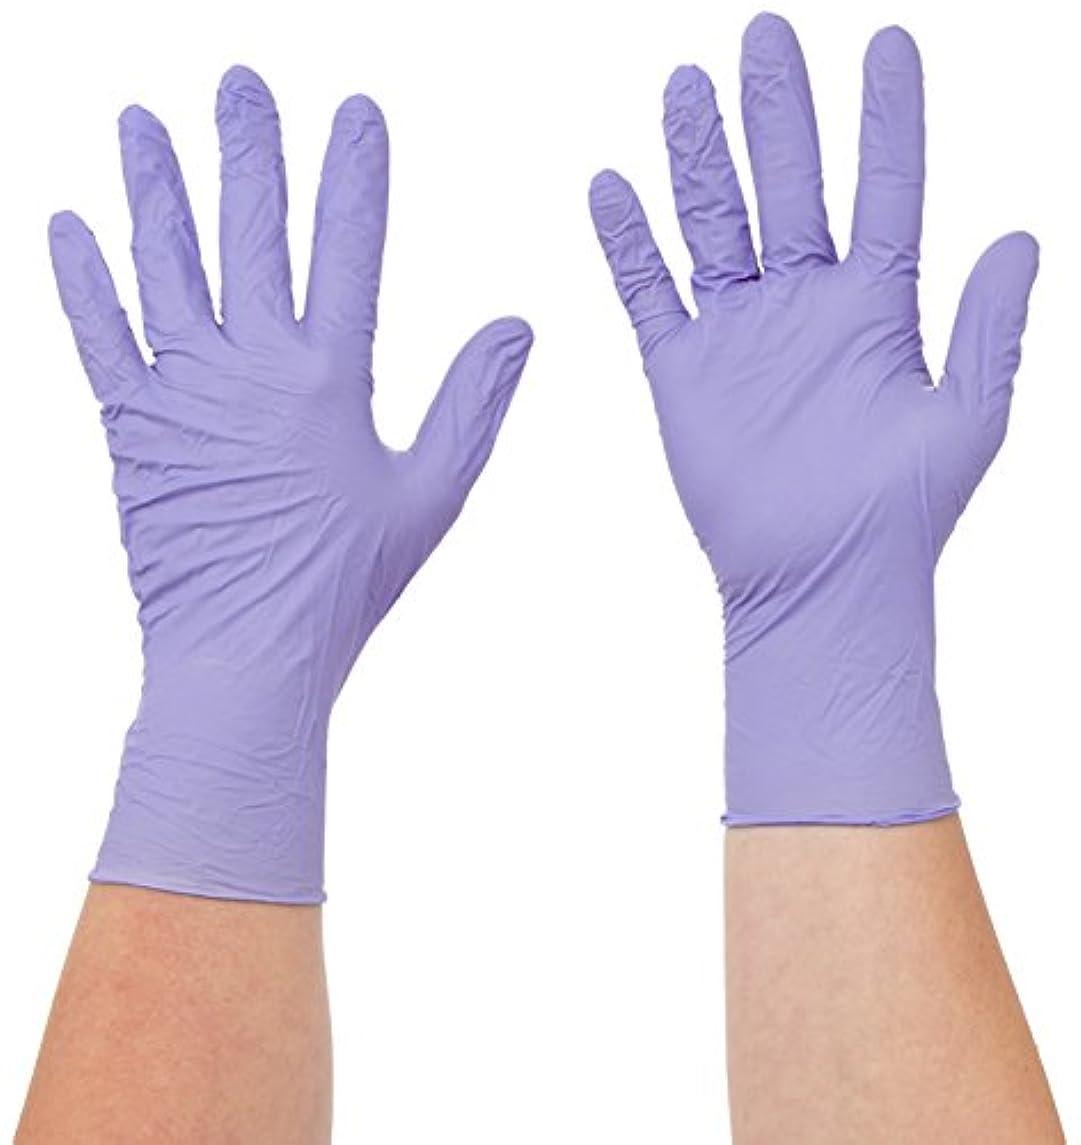 恨み位置する沈黙Semperit 使い捨てニトリル手袋 Xtra Lite 0.14mm 粉無(入数:200枚) 3000001619